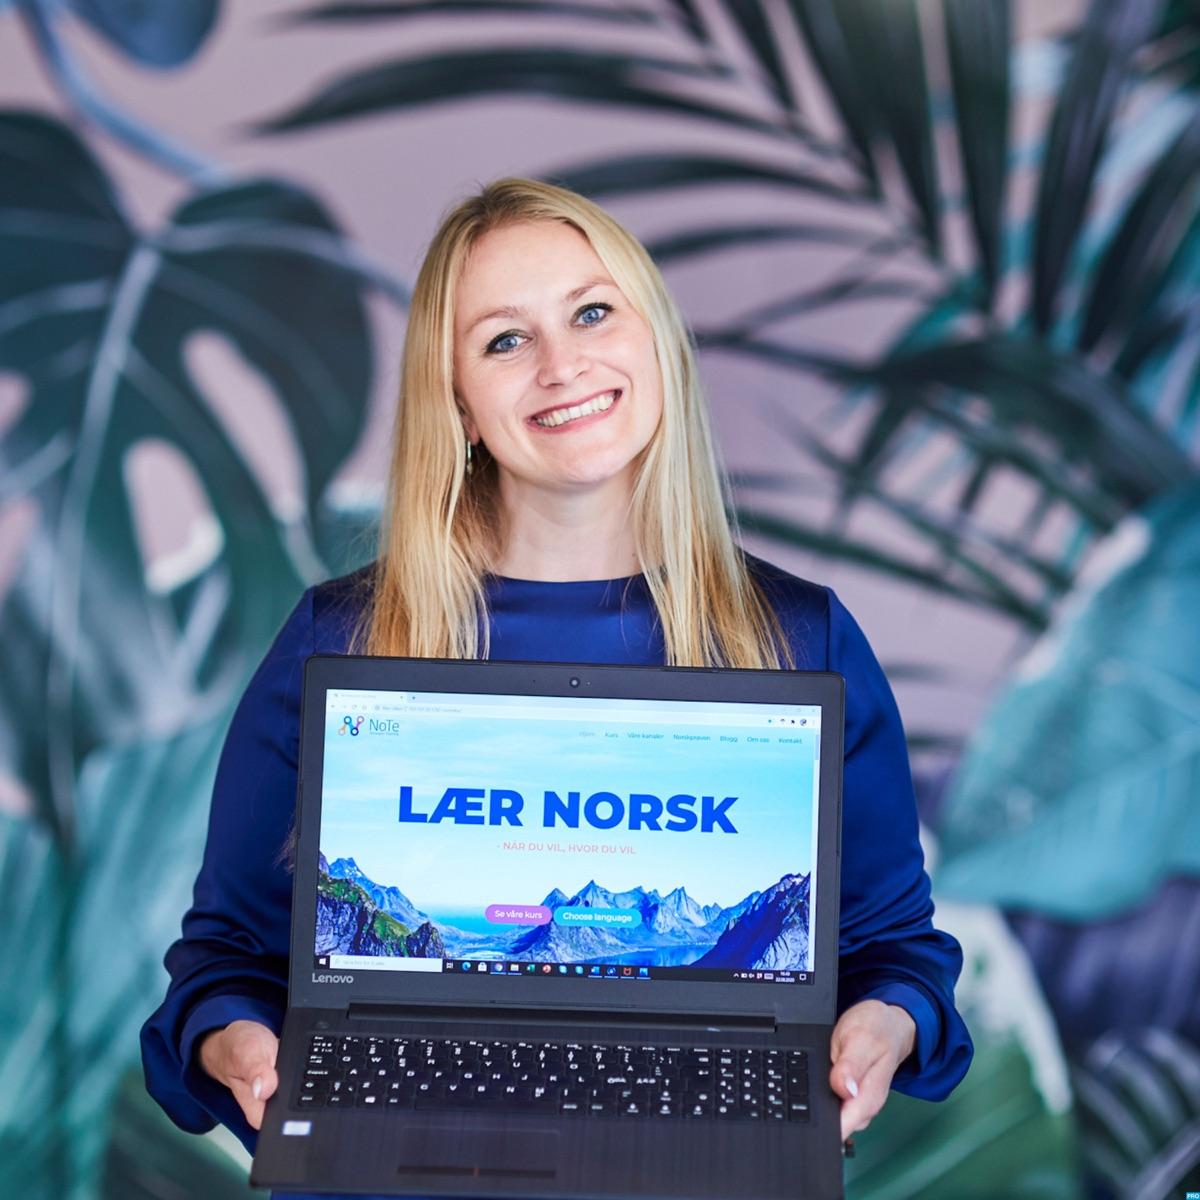 Norsklærer Karense